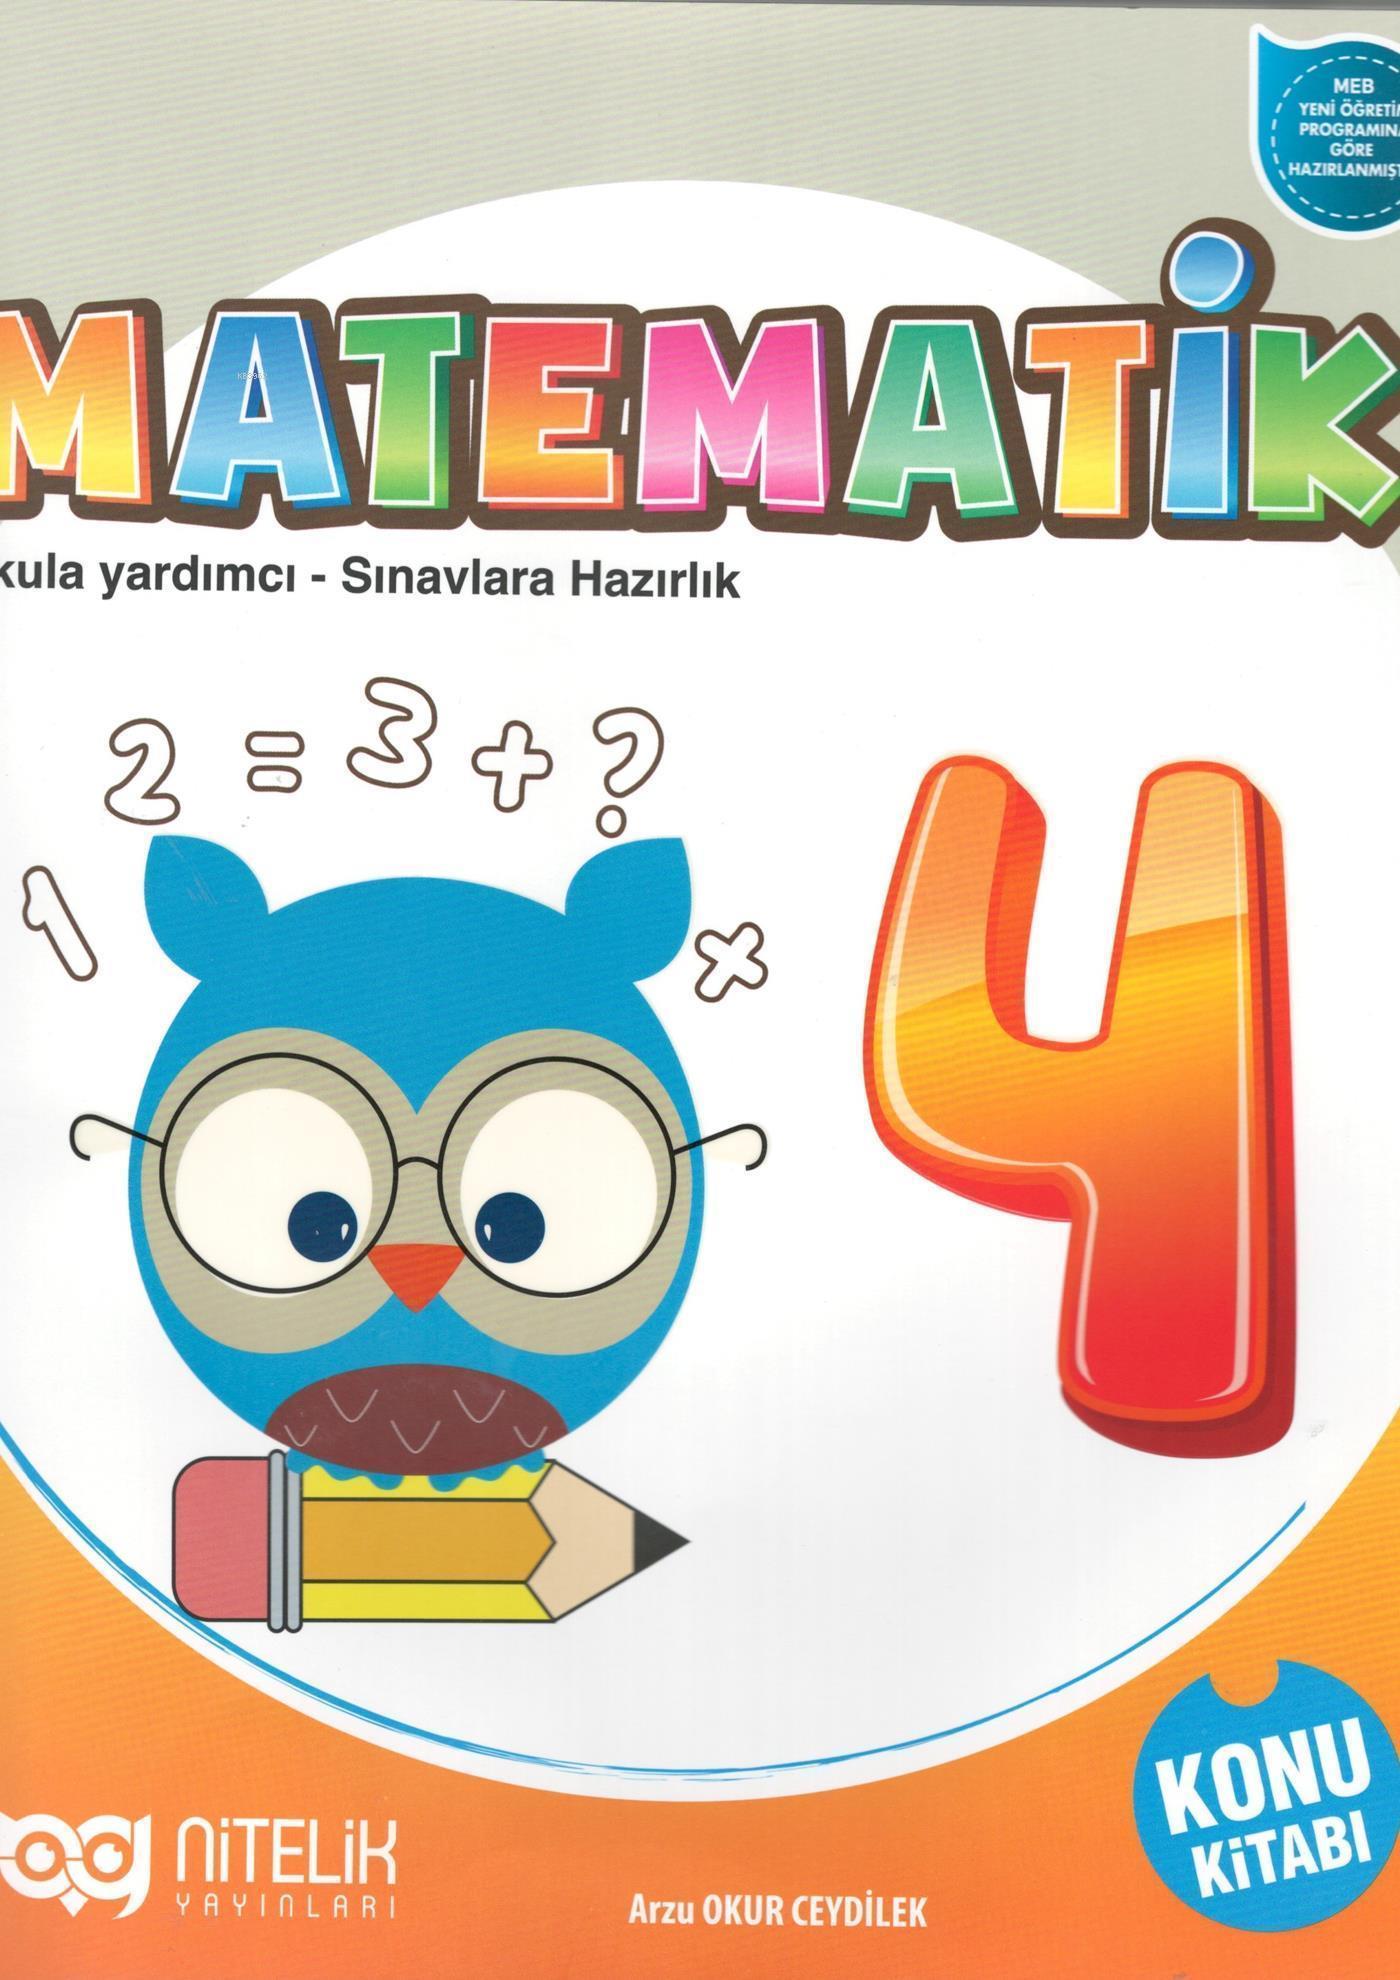 Nitelik Yayınları 4. Sınıf Matematik Konu Kitabı Nitelik